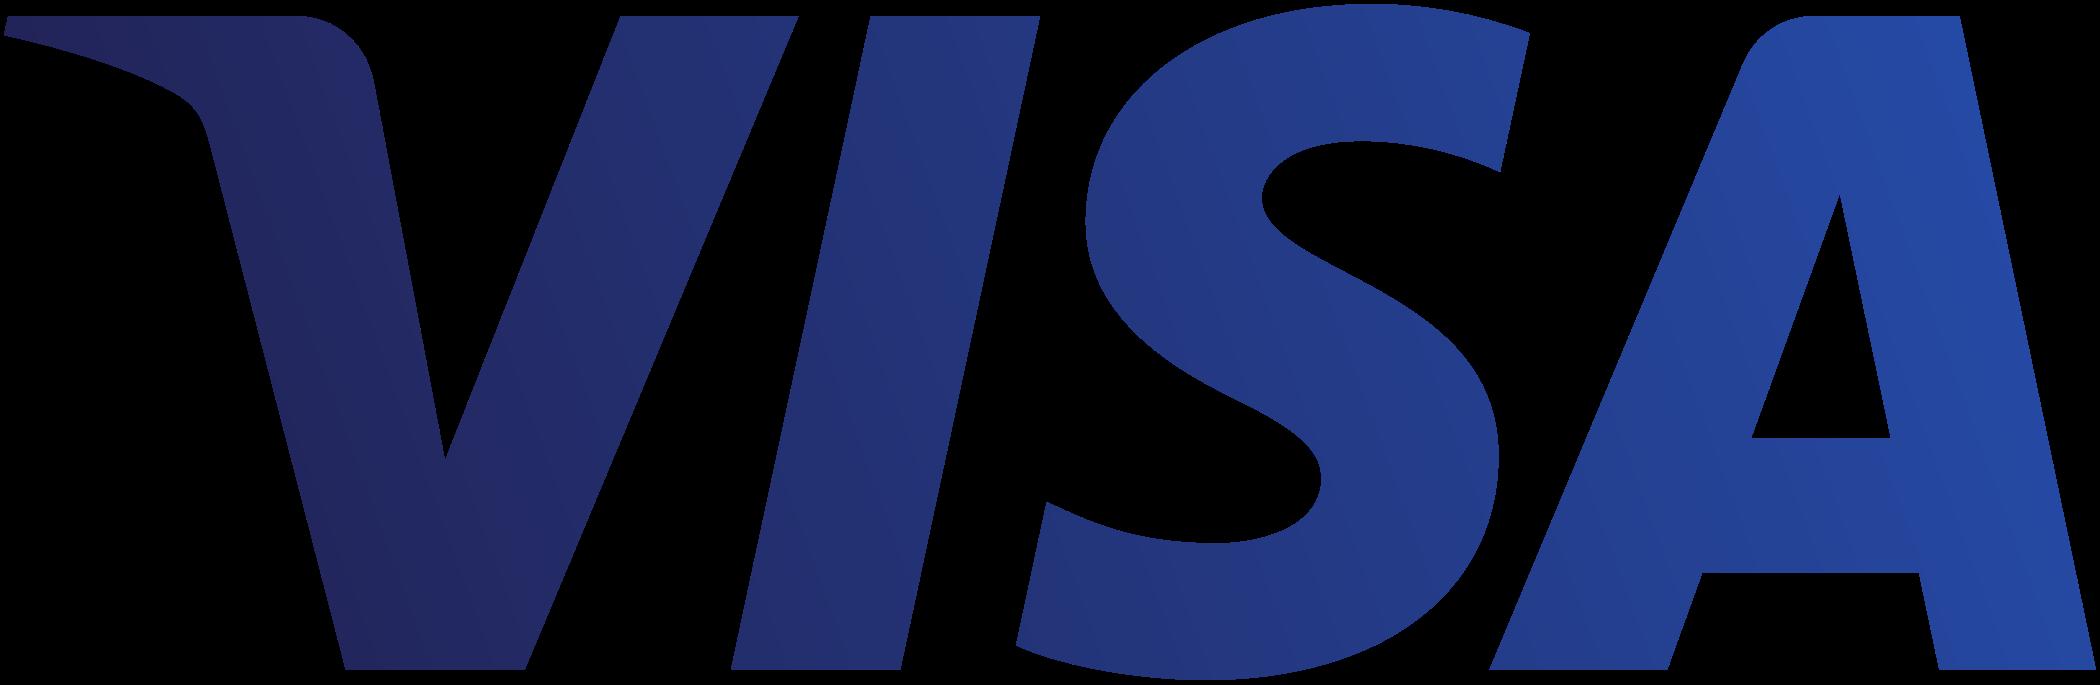 visa-logo-6